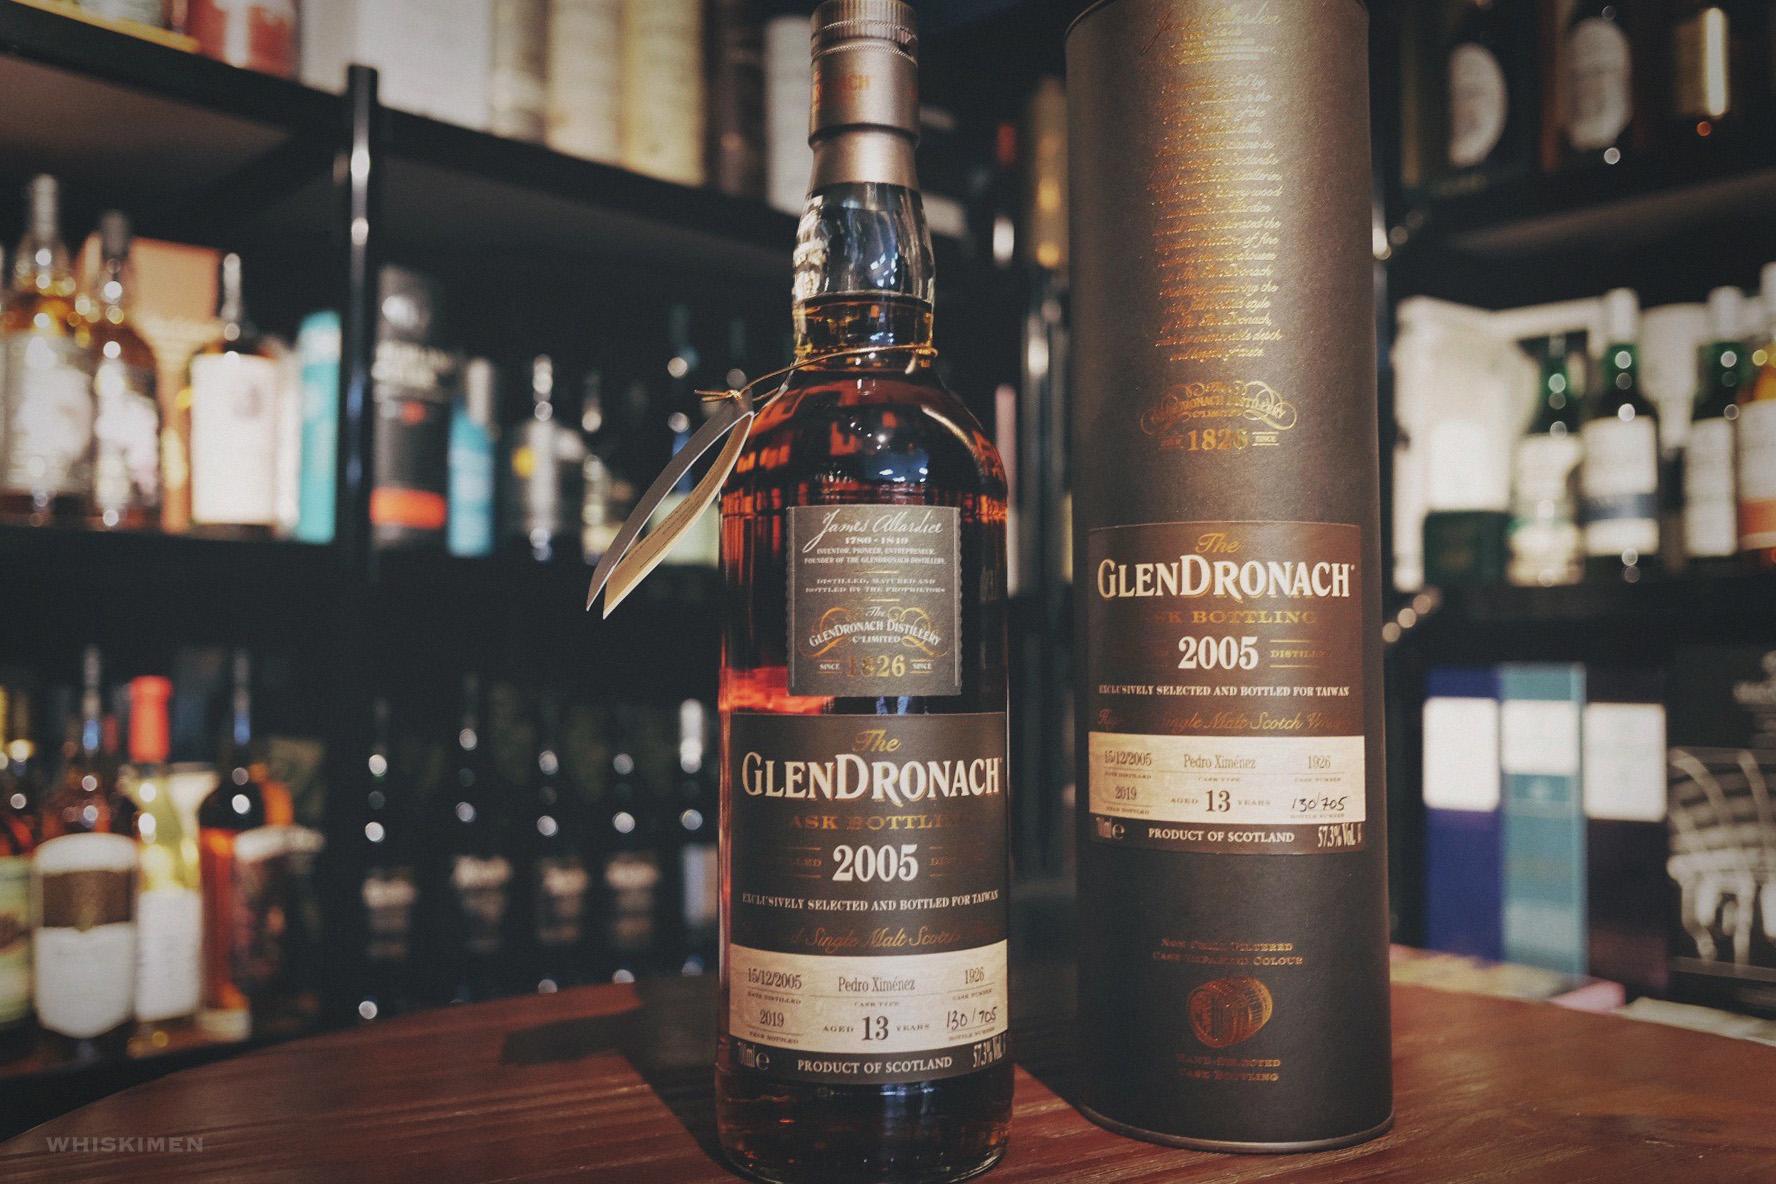 GlenDronach 2005 13 Year Old Single Malt Single Cask Whisky